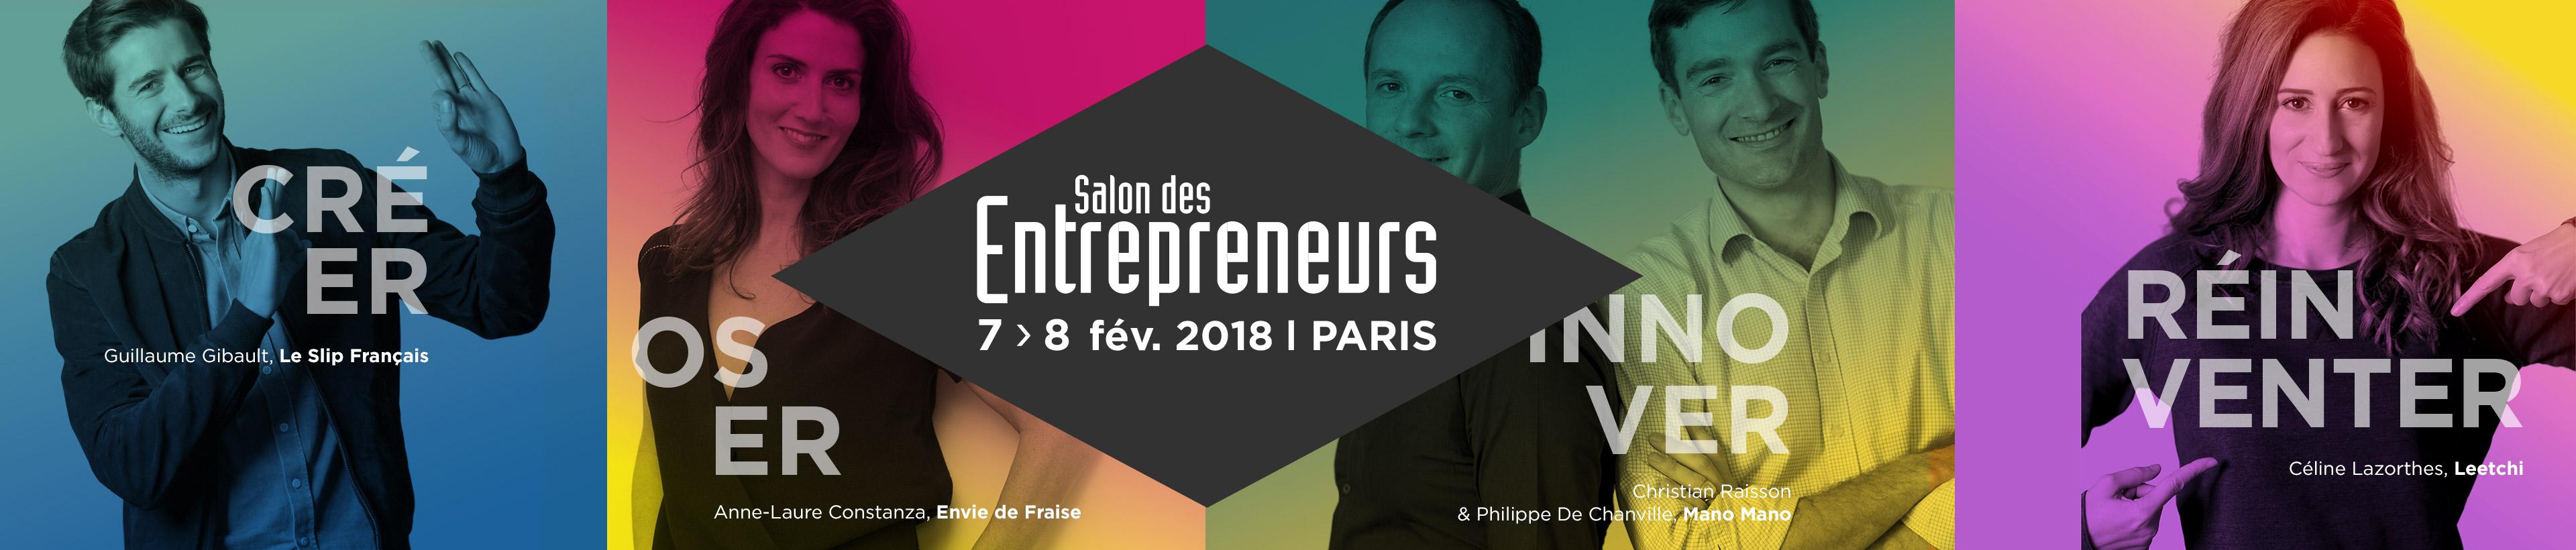 Prochains v nements salon des entrepreneurs 2018 pivod for Salon des entrepreneurs paris 2016